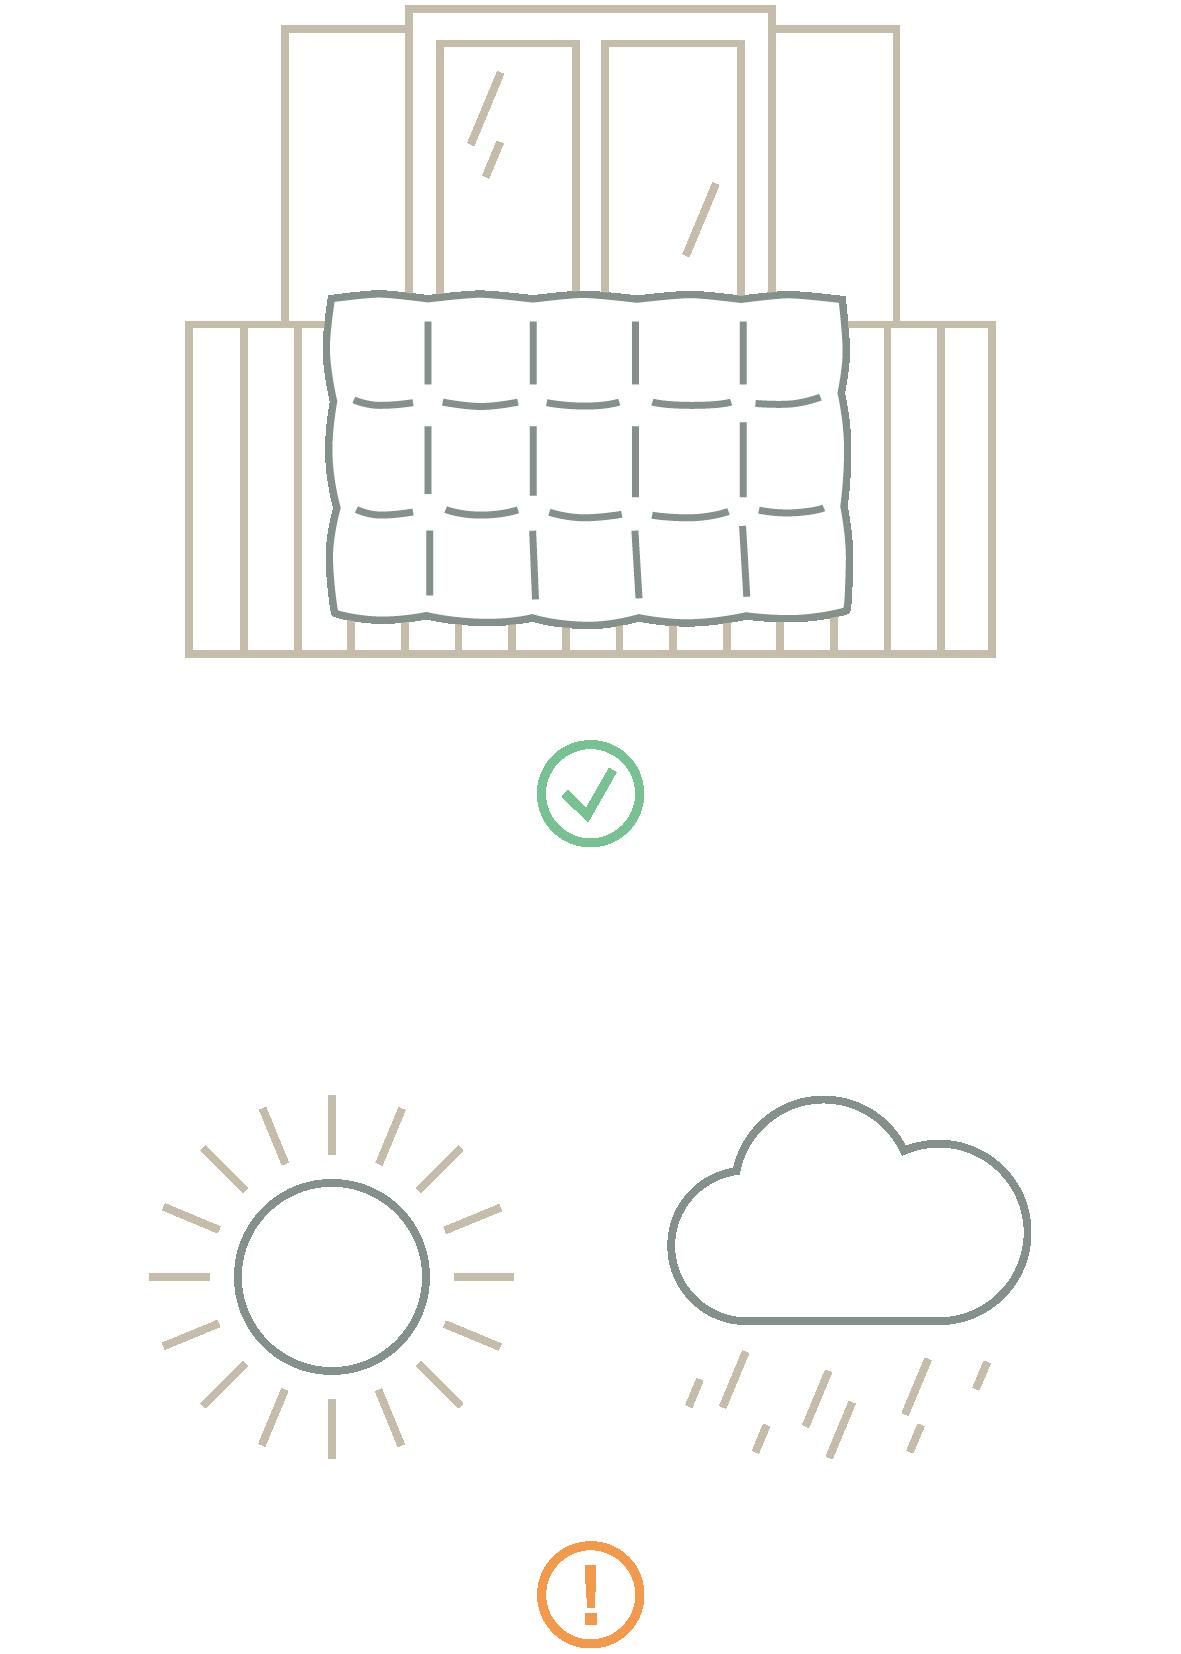 Zur Daunenpflege gehört regelmäßiges und gründliches Lüften der Daunenwäsche. Stilisierte Darstellung